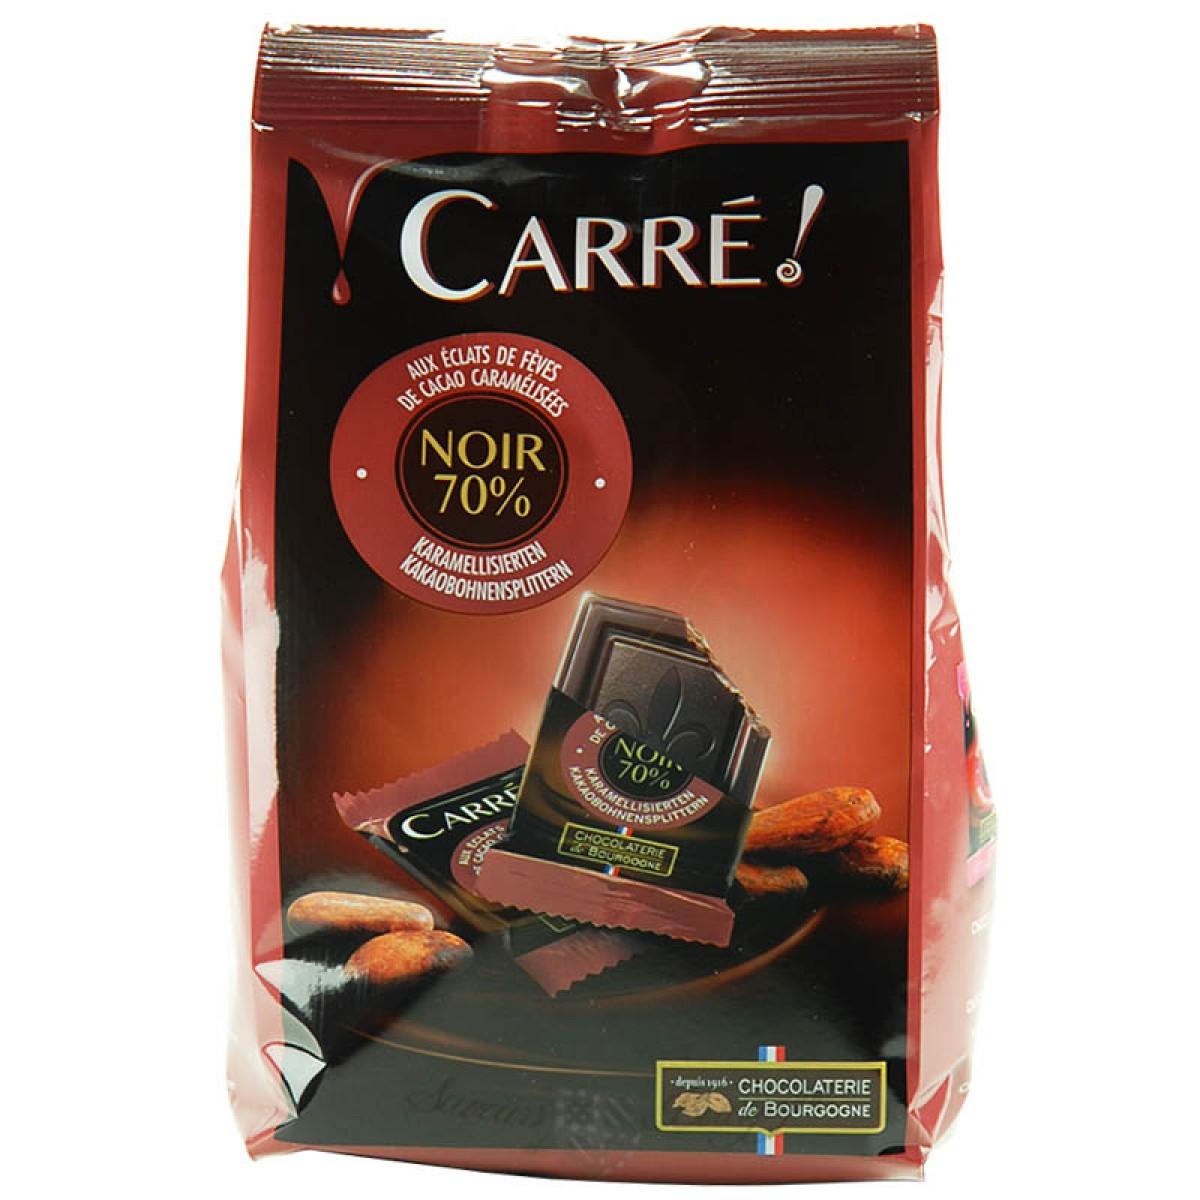 sachet de carr s chocolat noir 70 aux clats de f ves de cacao 200g saveurs de bourgogne. Black Bedroom Furniture Sets. Home Design Ideas